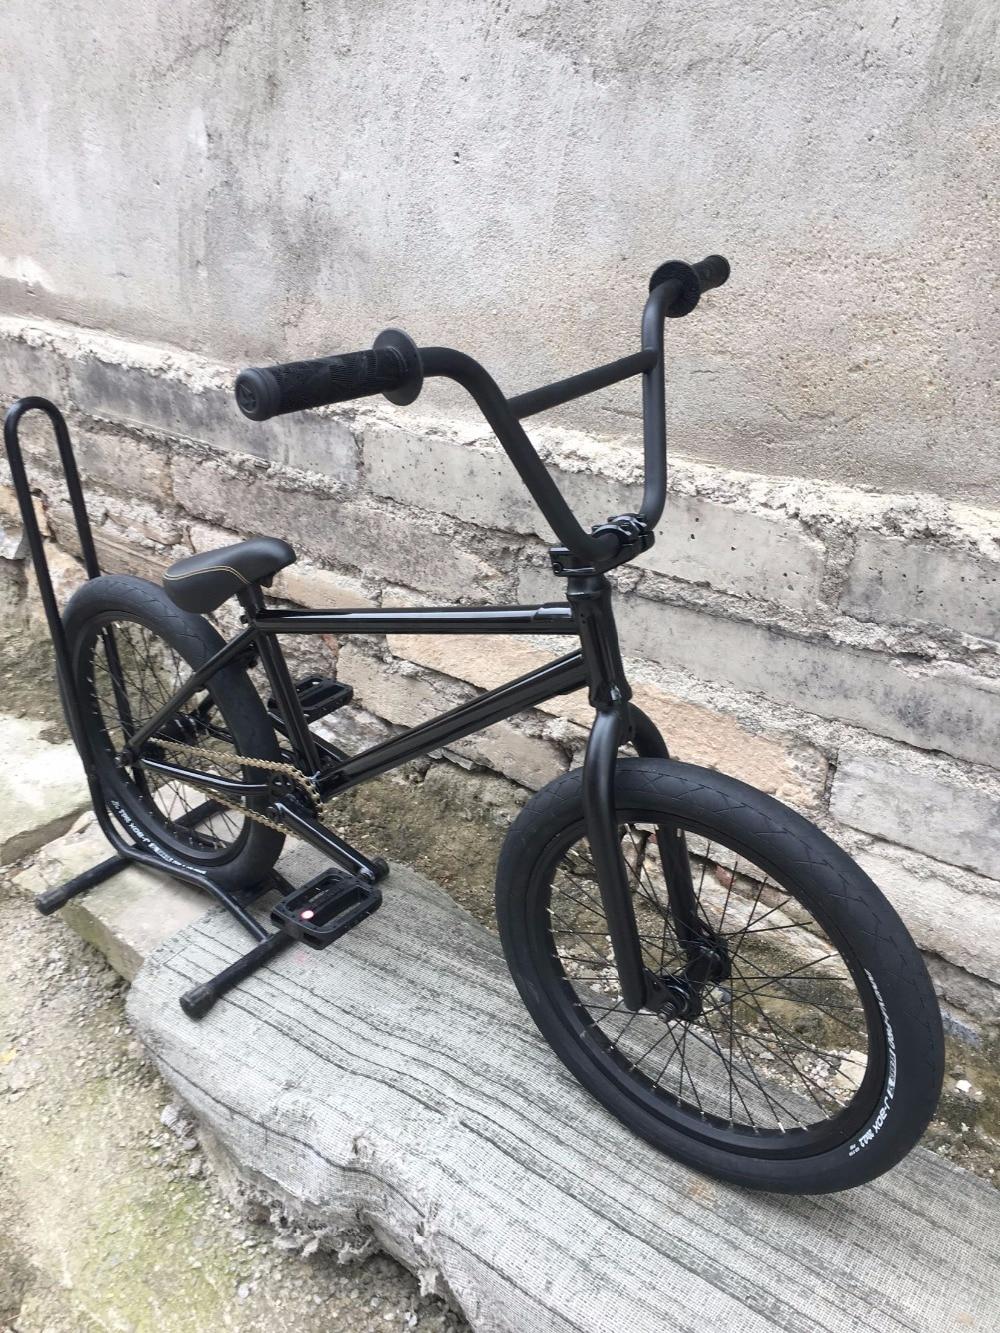 Home V3 Bmx Bikes 20' Full Crmo Full Bearings